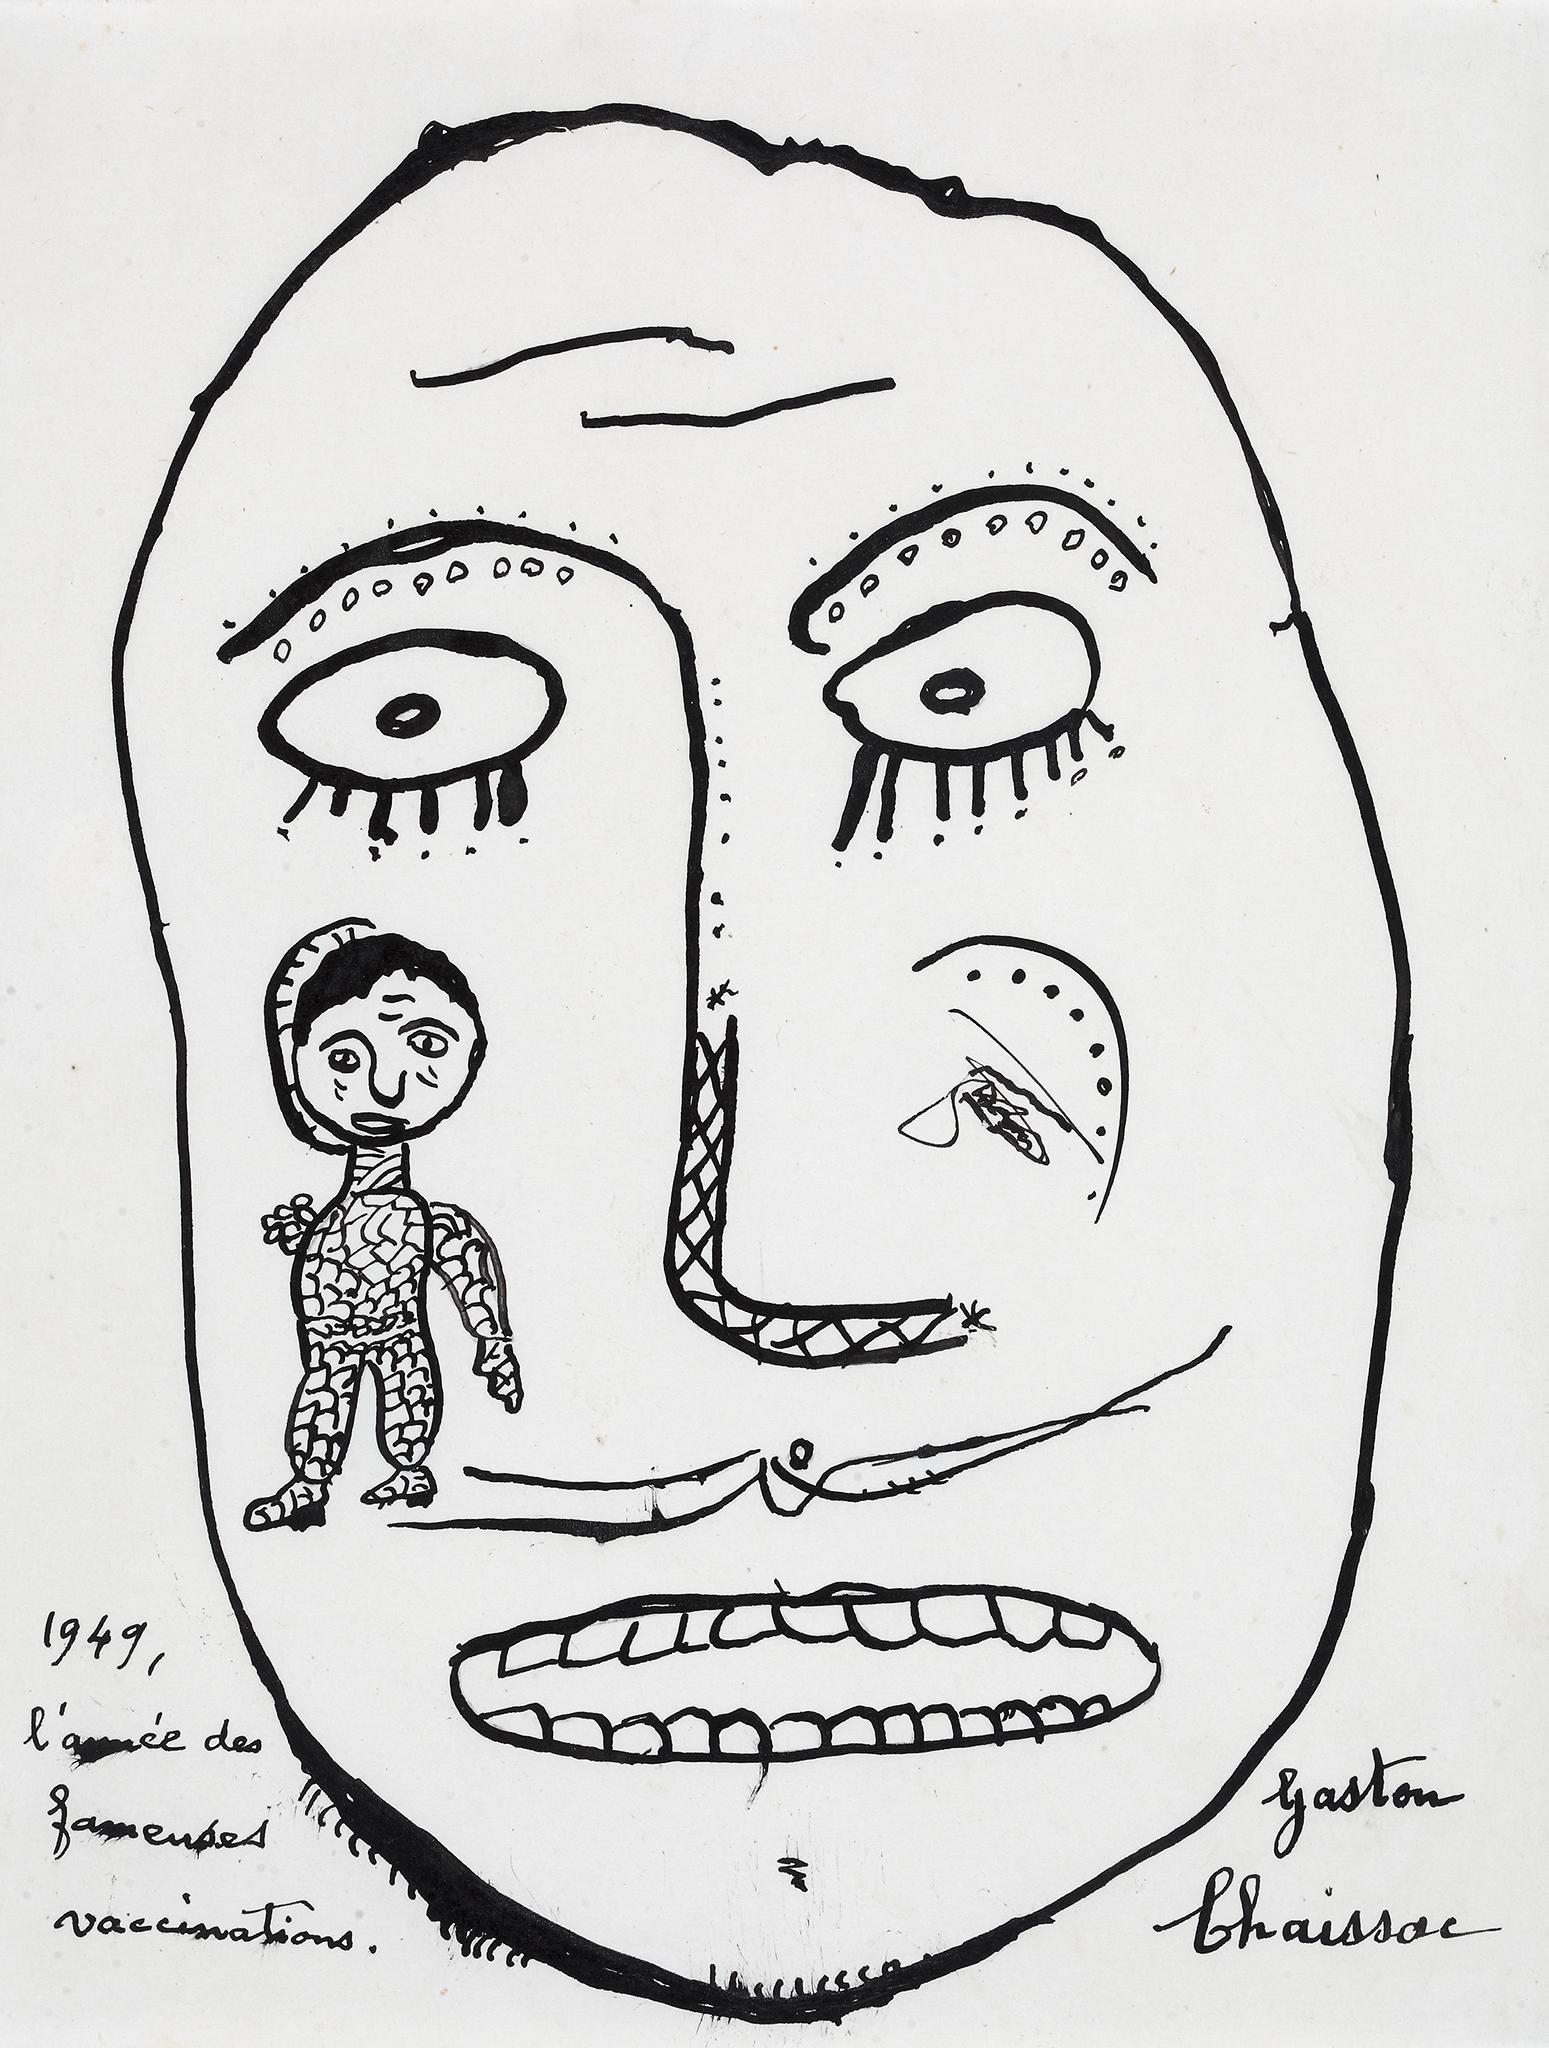 Gaston Chaissac, L'année des fameuses vaccinations, 1949